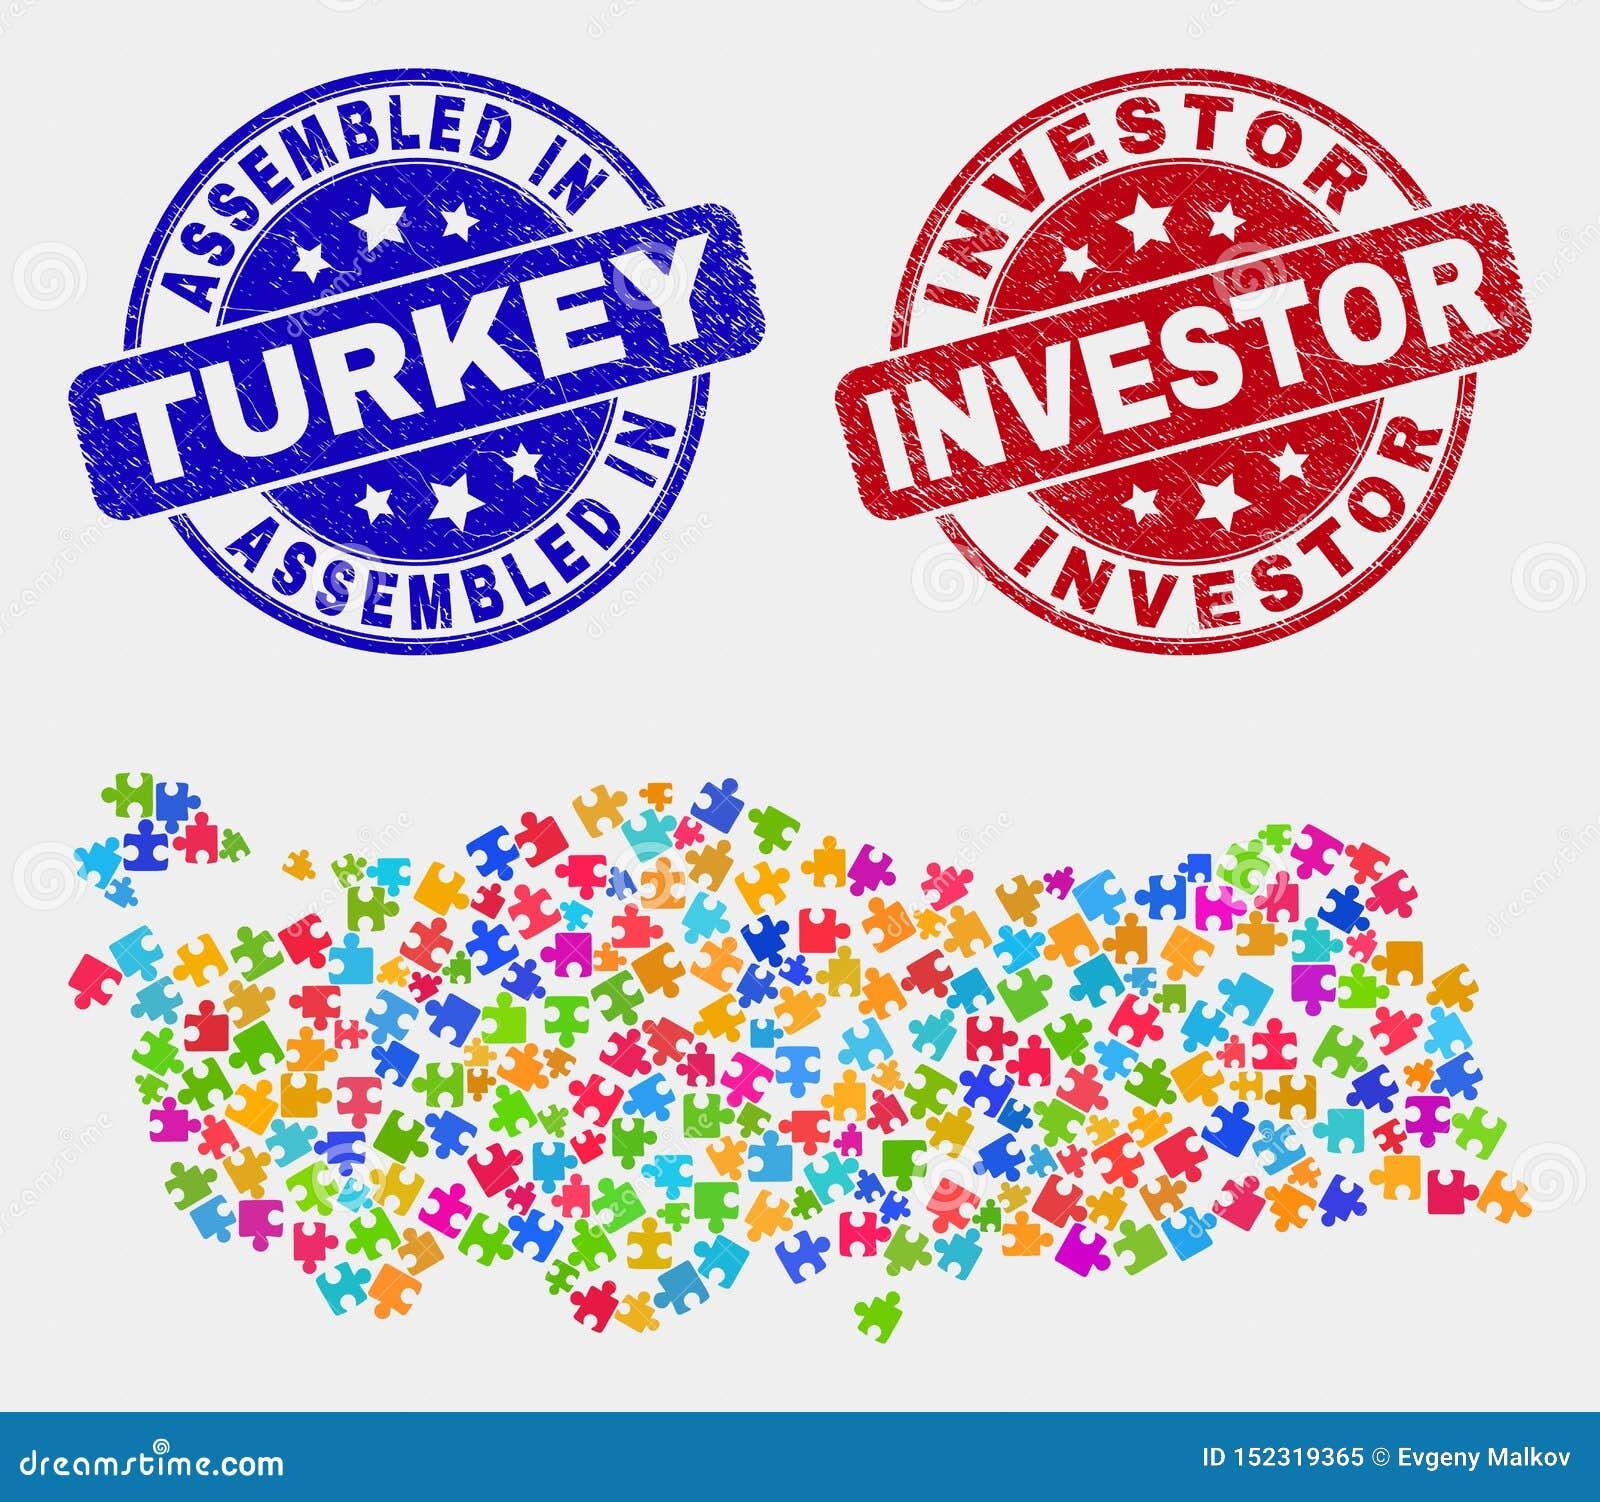 捆绑土耳其地图和抓被装配的和投资者邮票